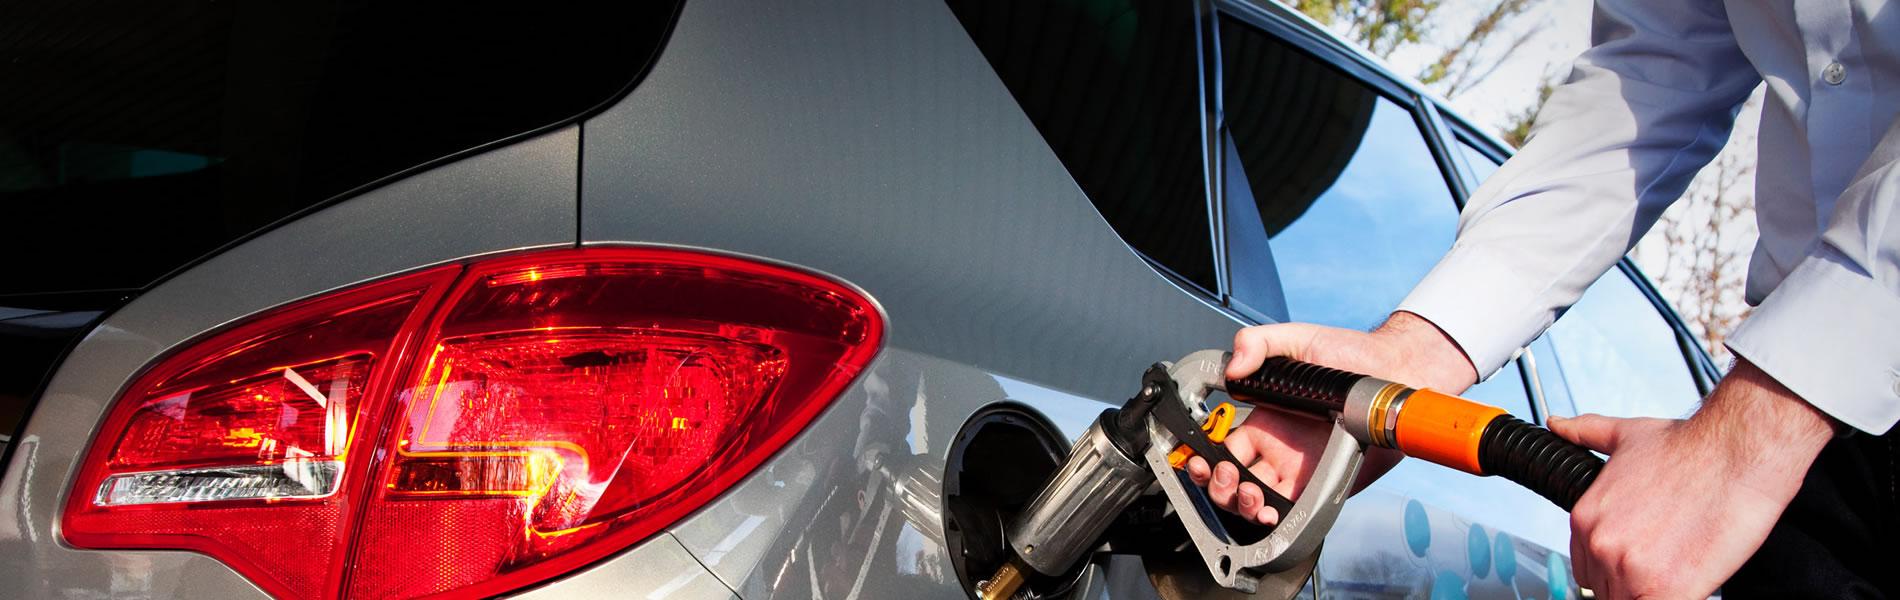 Lucar auto gas cover